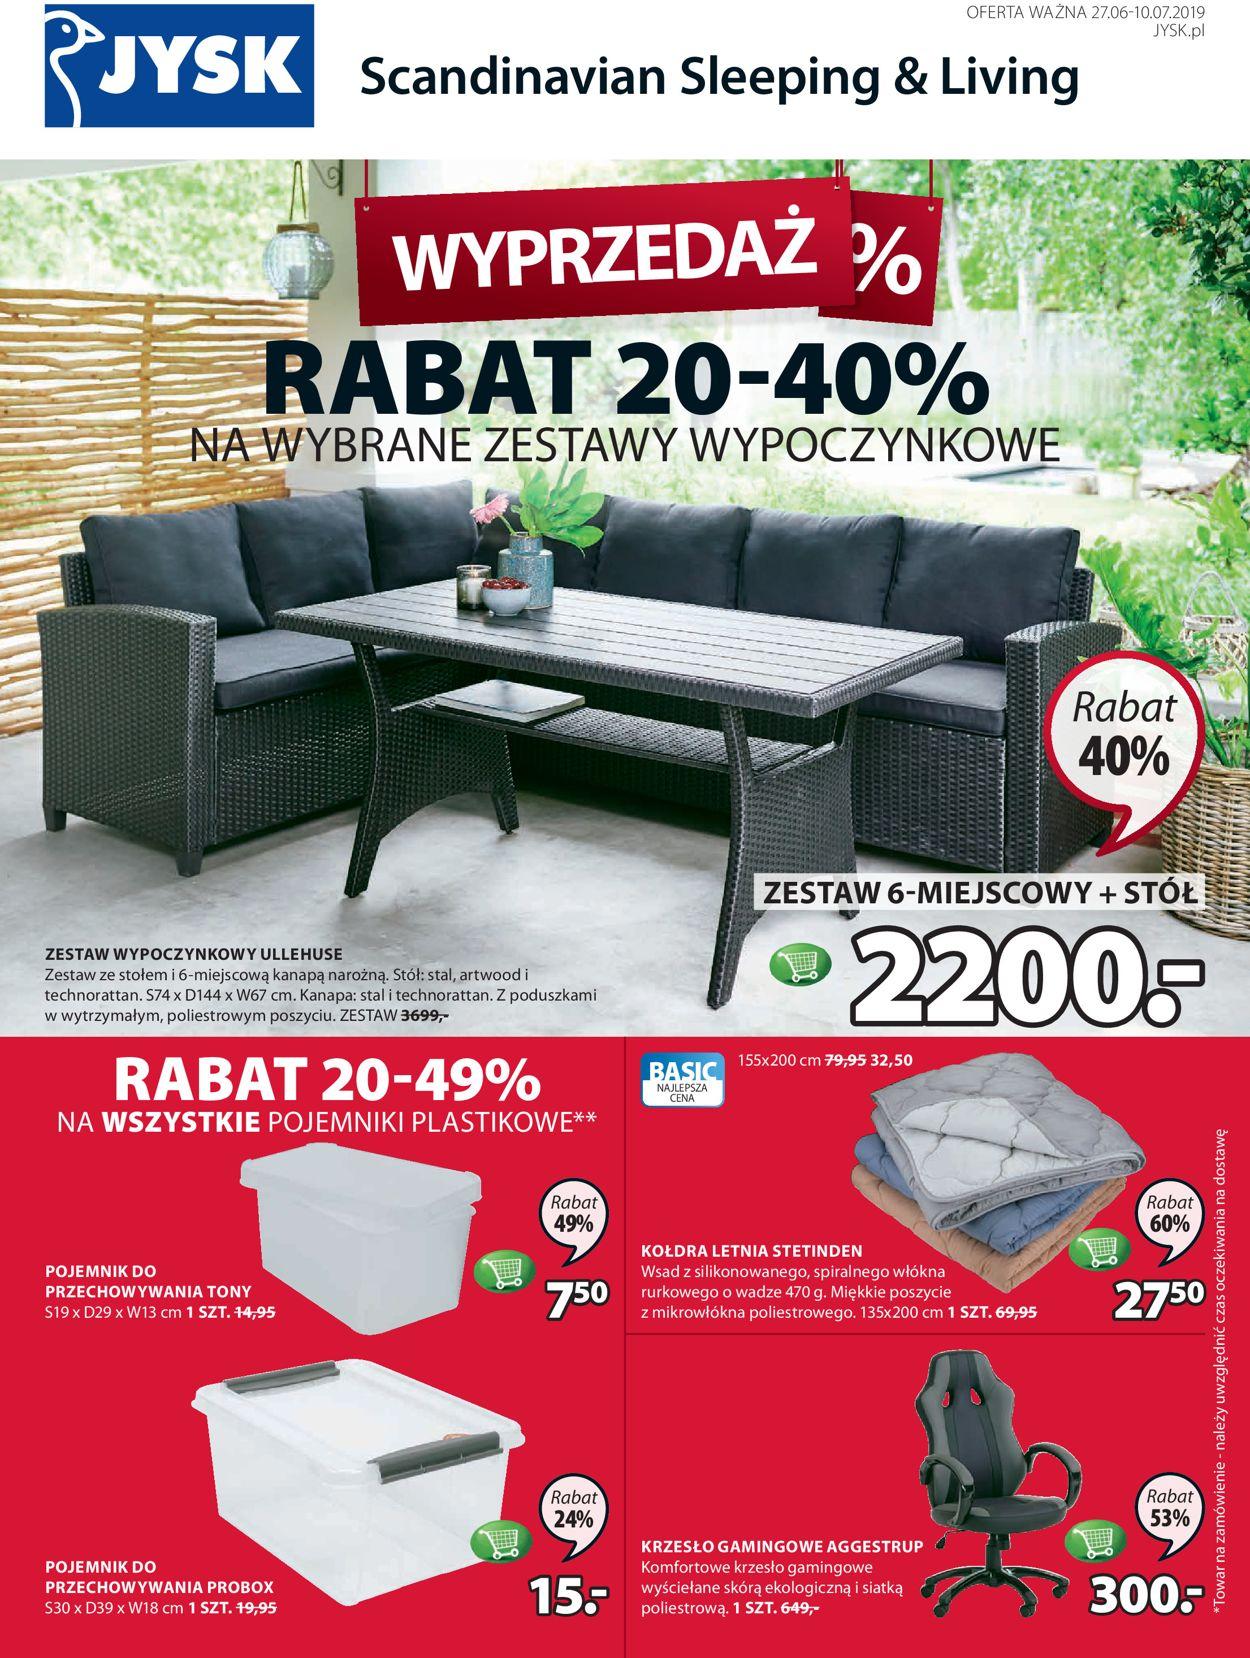 Gazetka promocyjna JYSK - 27.06-10.07.2019